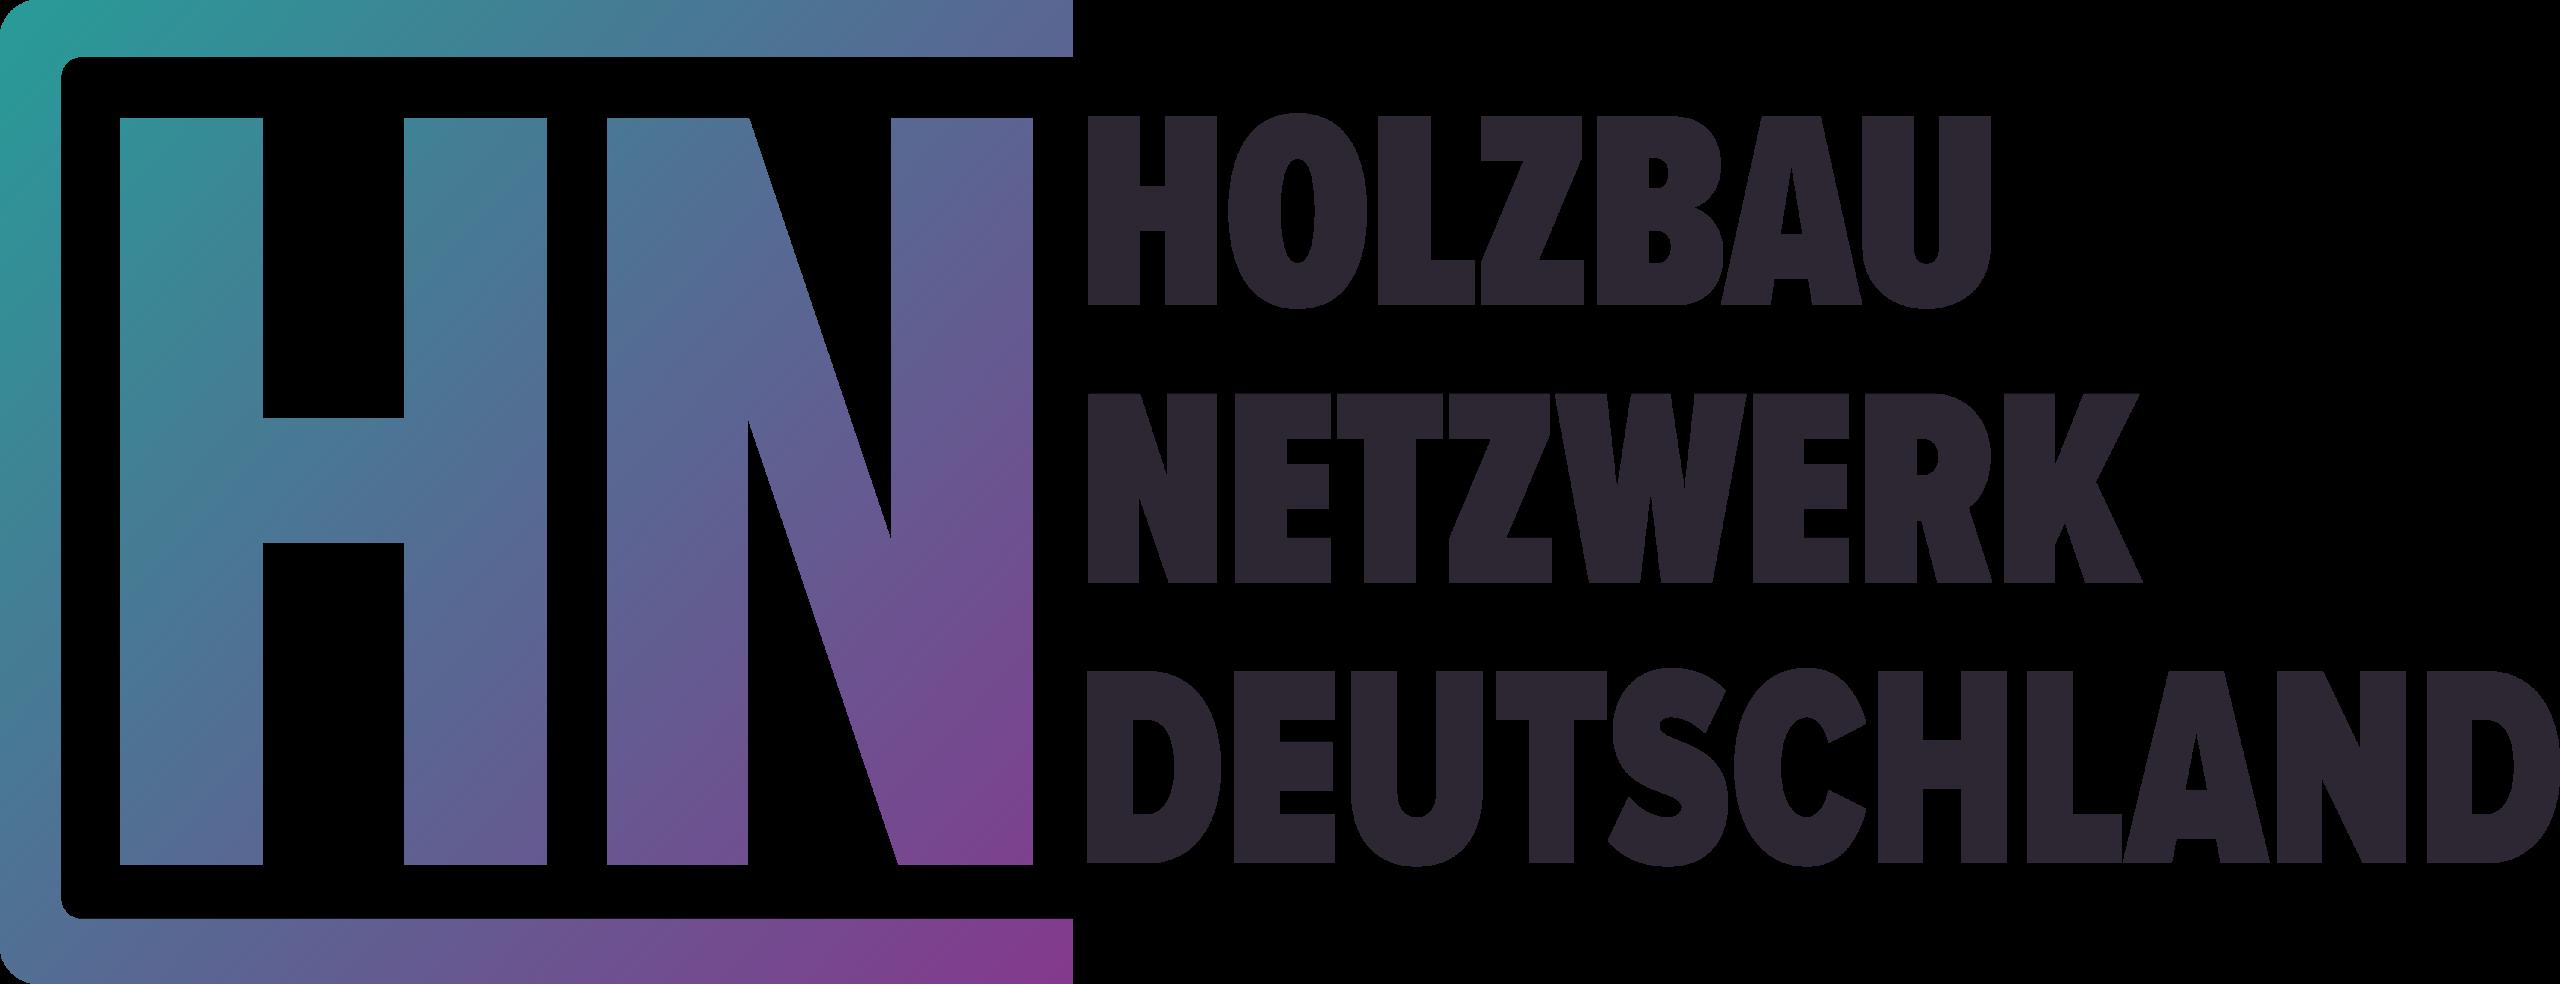 Holzbau Netzwerk Deutschland